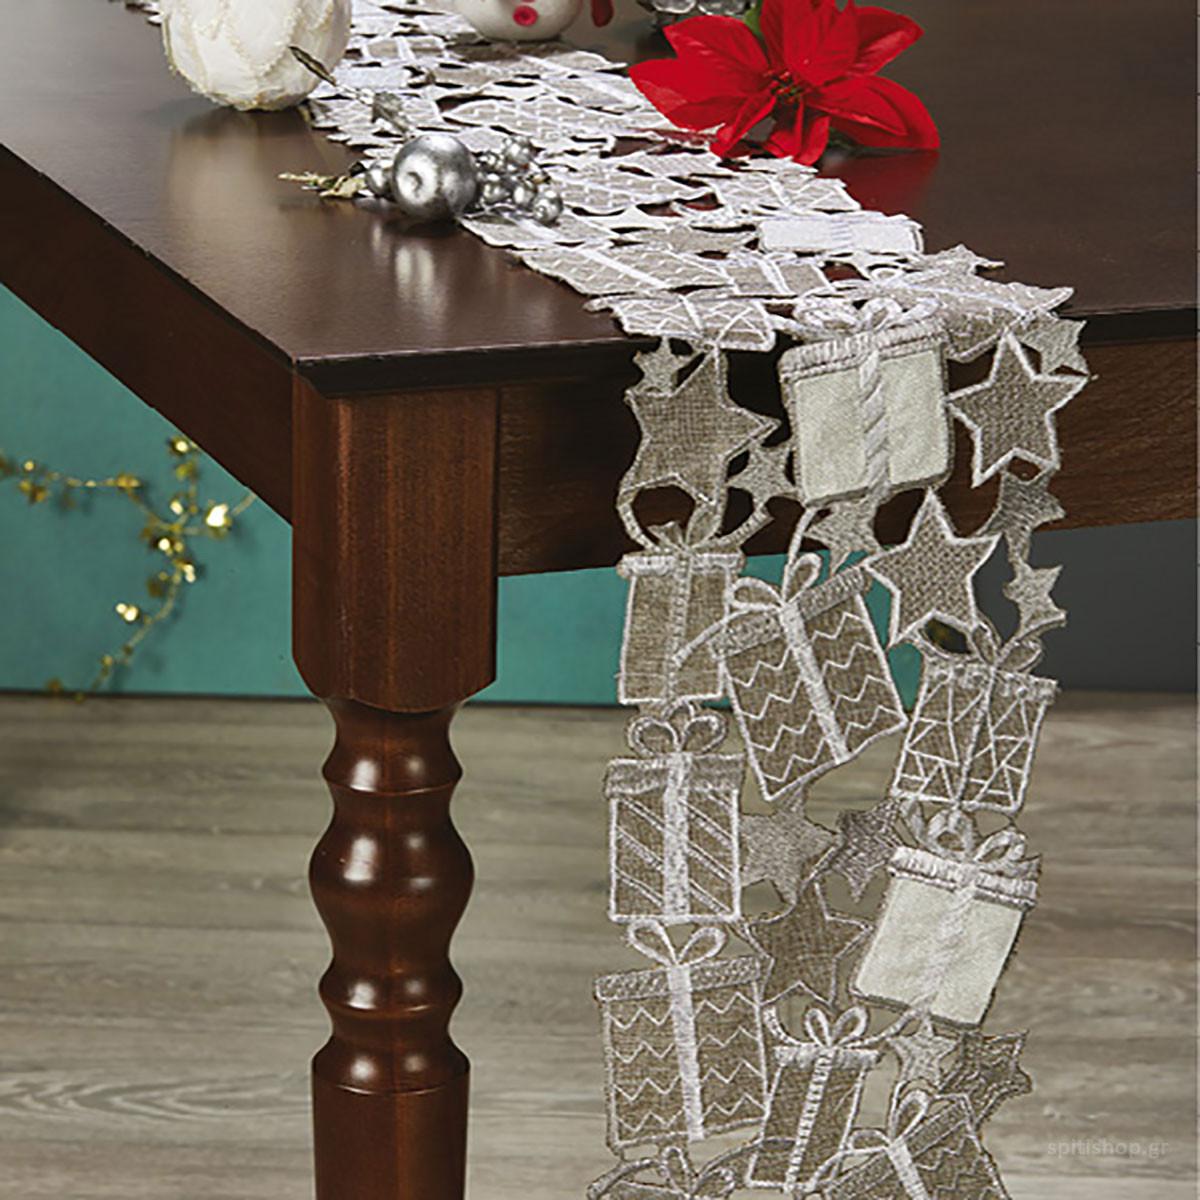 Χριστουγεννιάτικη Τραβέρσα White Egg 17409/3 home   χριστουγεννιάτικα   χριστουγεννιάτικες τραβέρσες